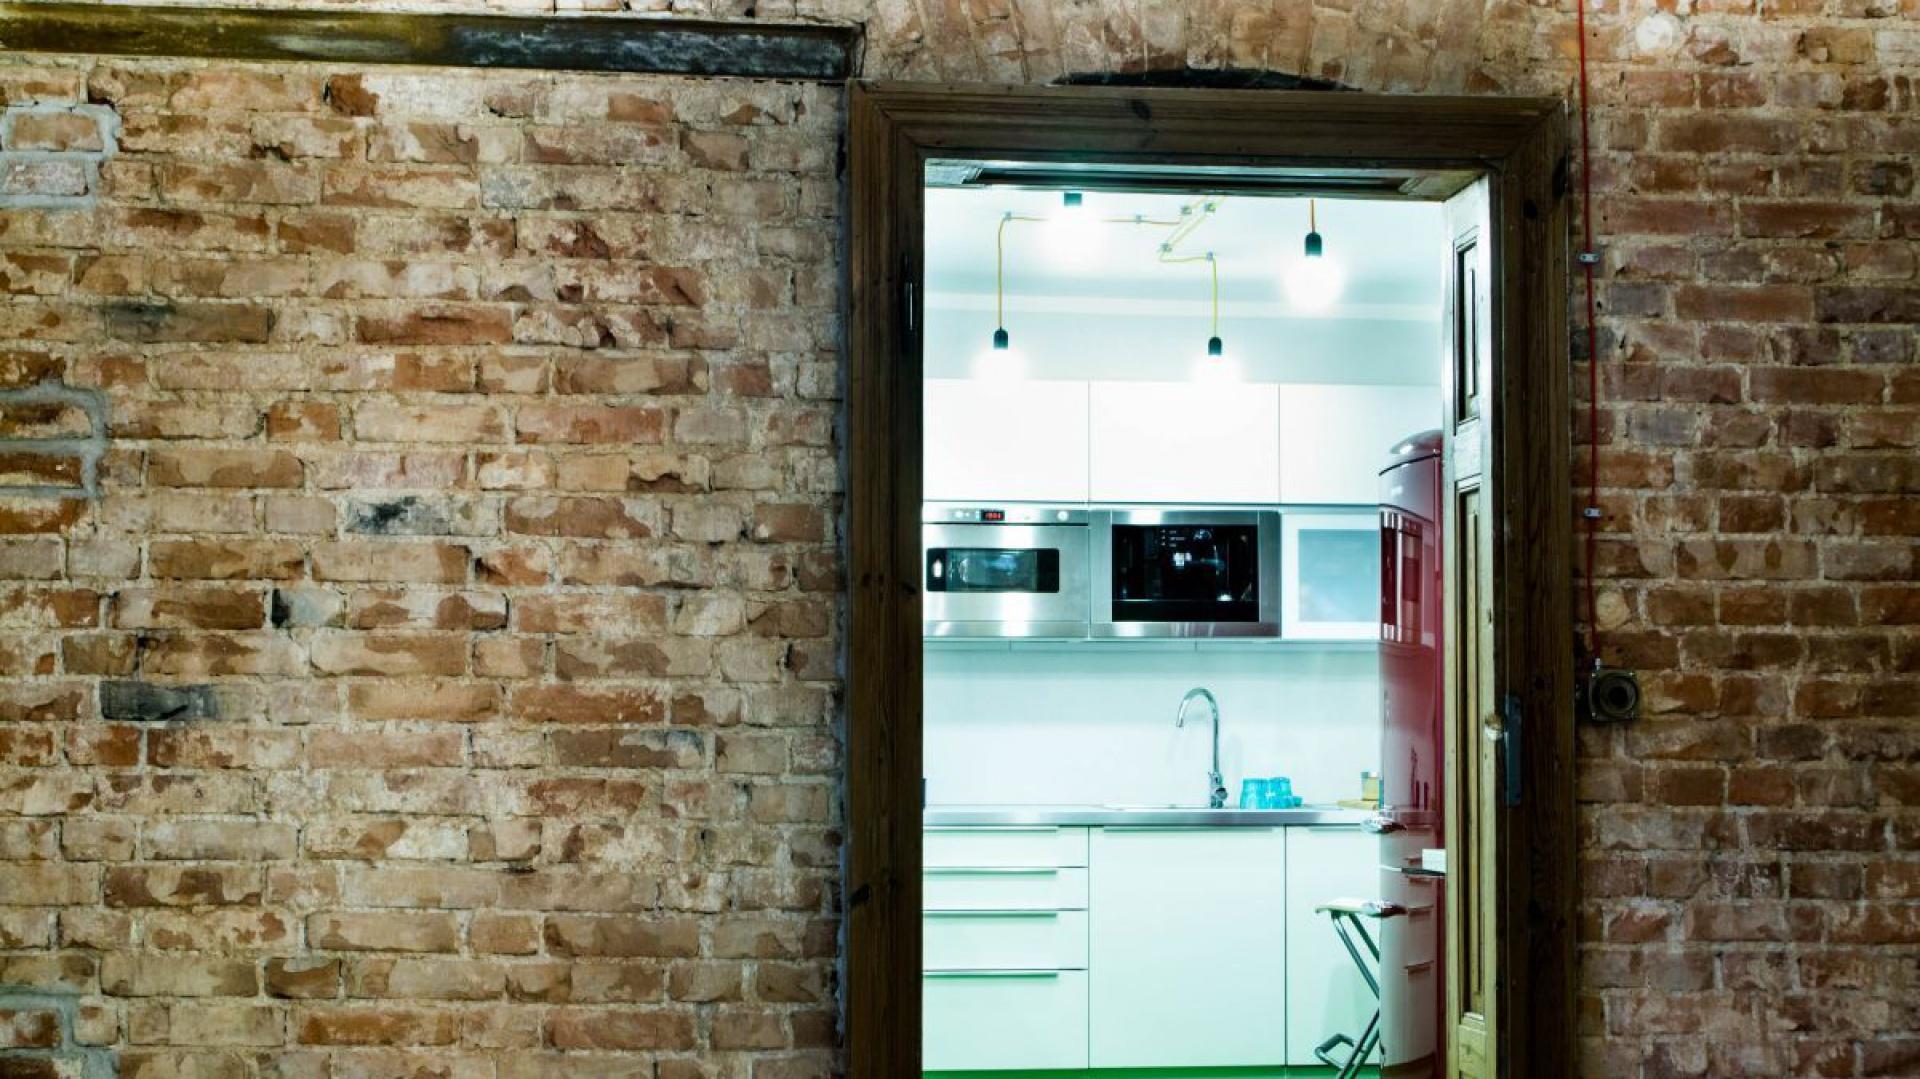 W środku zachowały się dwie oryginalne drewniane ościeżnice drzwi wewnętrznych. Ściana pomiędzy salonem i kuchnią została odsłonięta i pozostawiona w